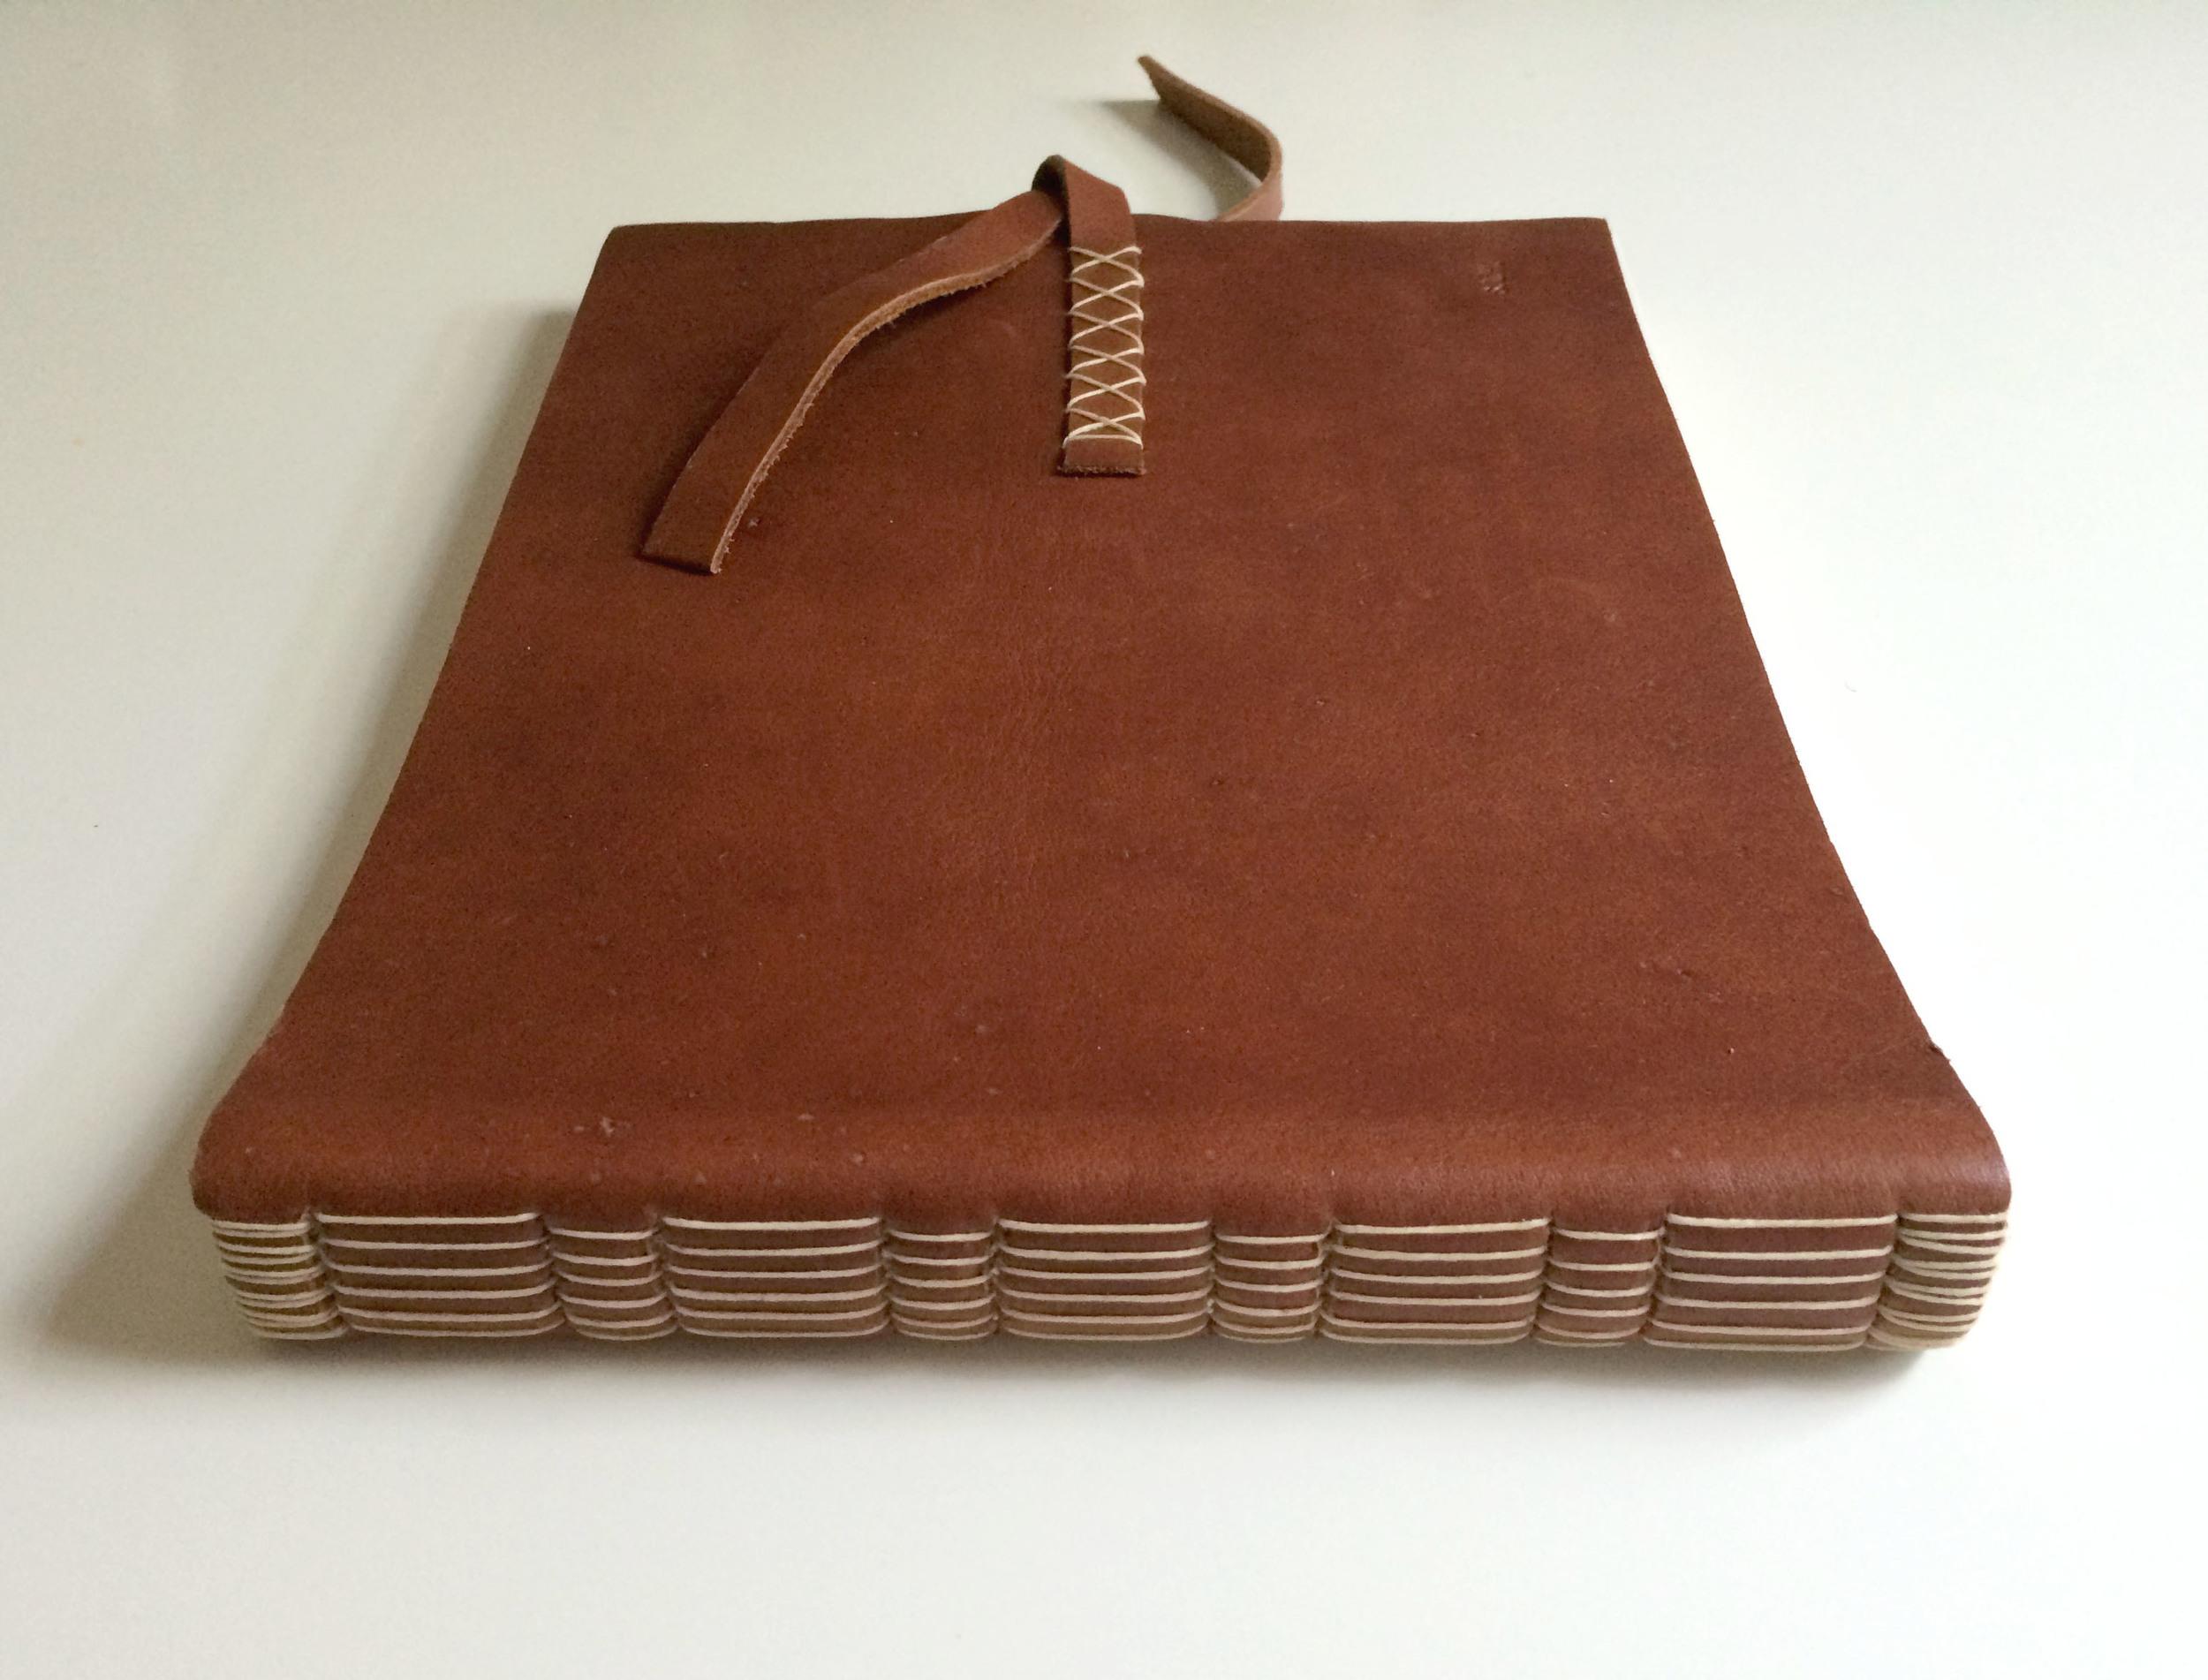 Sketchbook for Art School